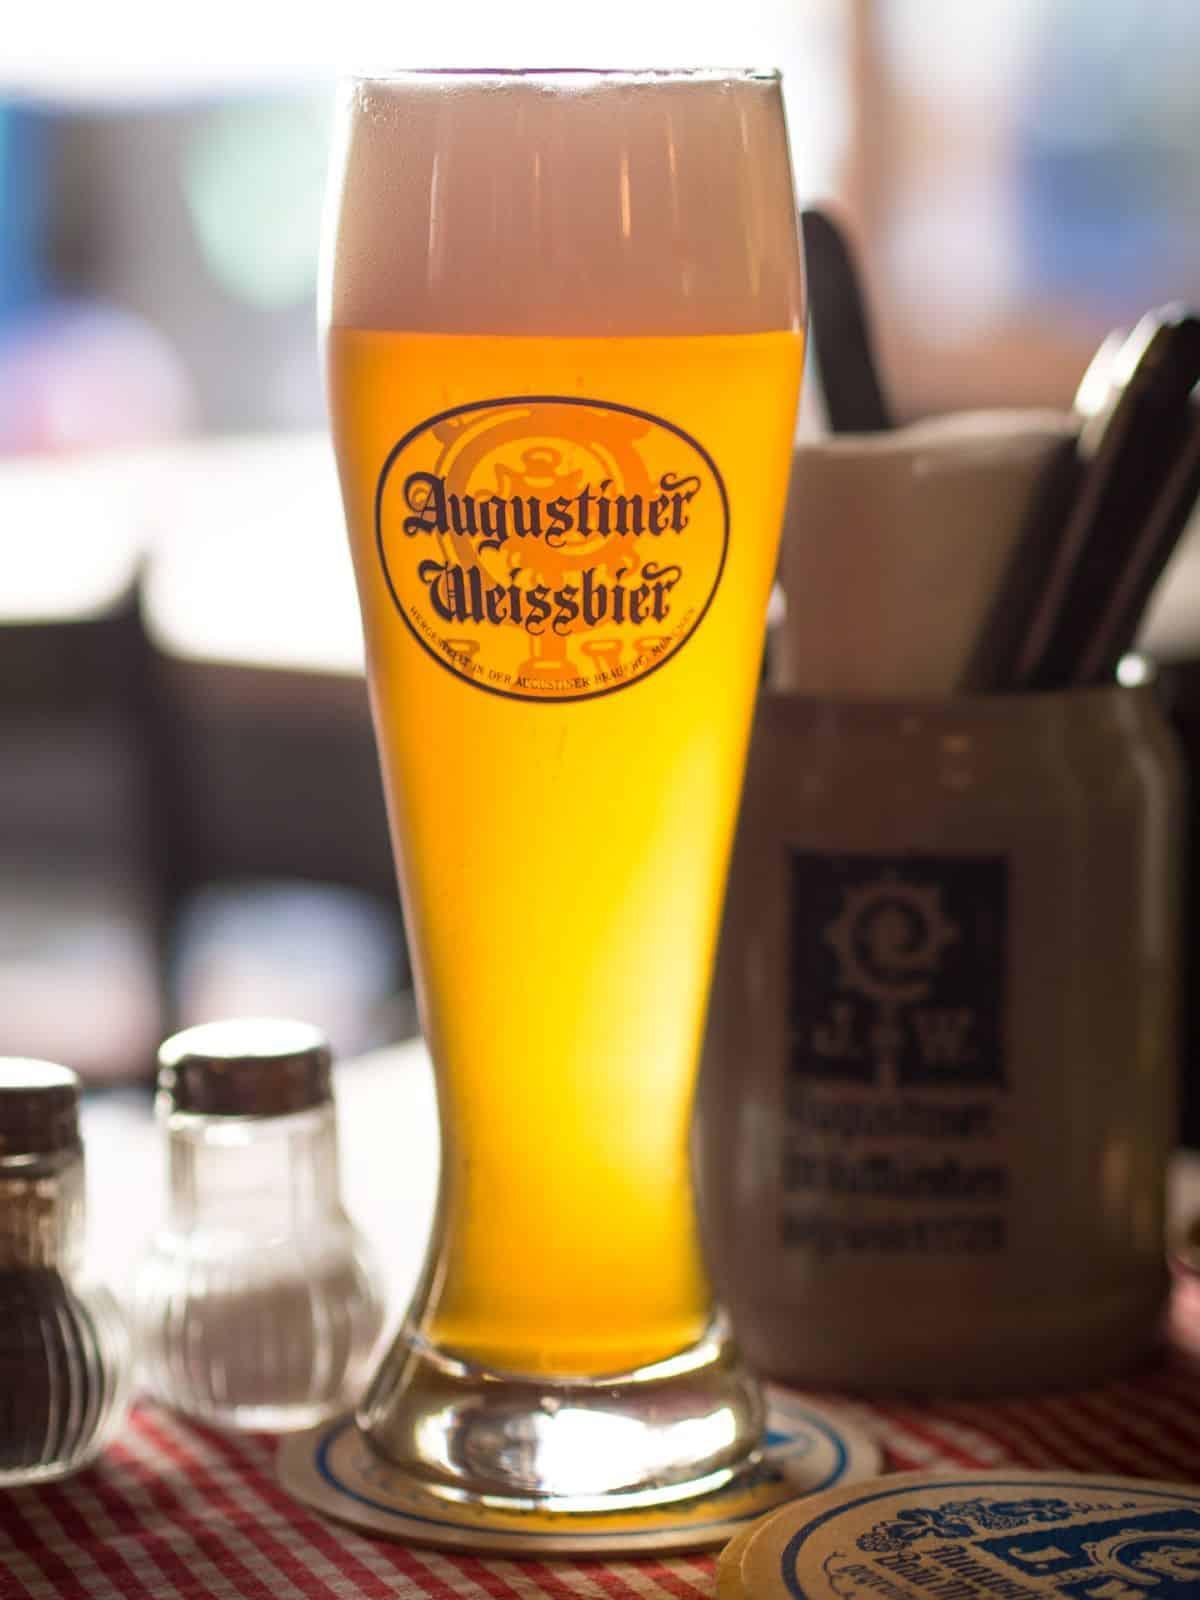 Augustiner Weissbier in Munich